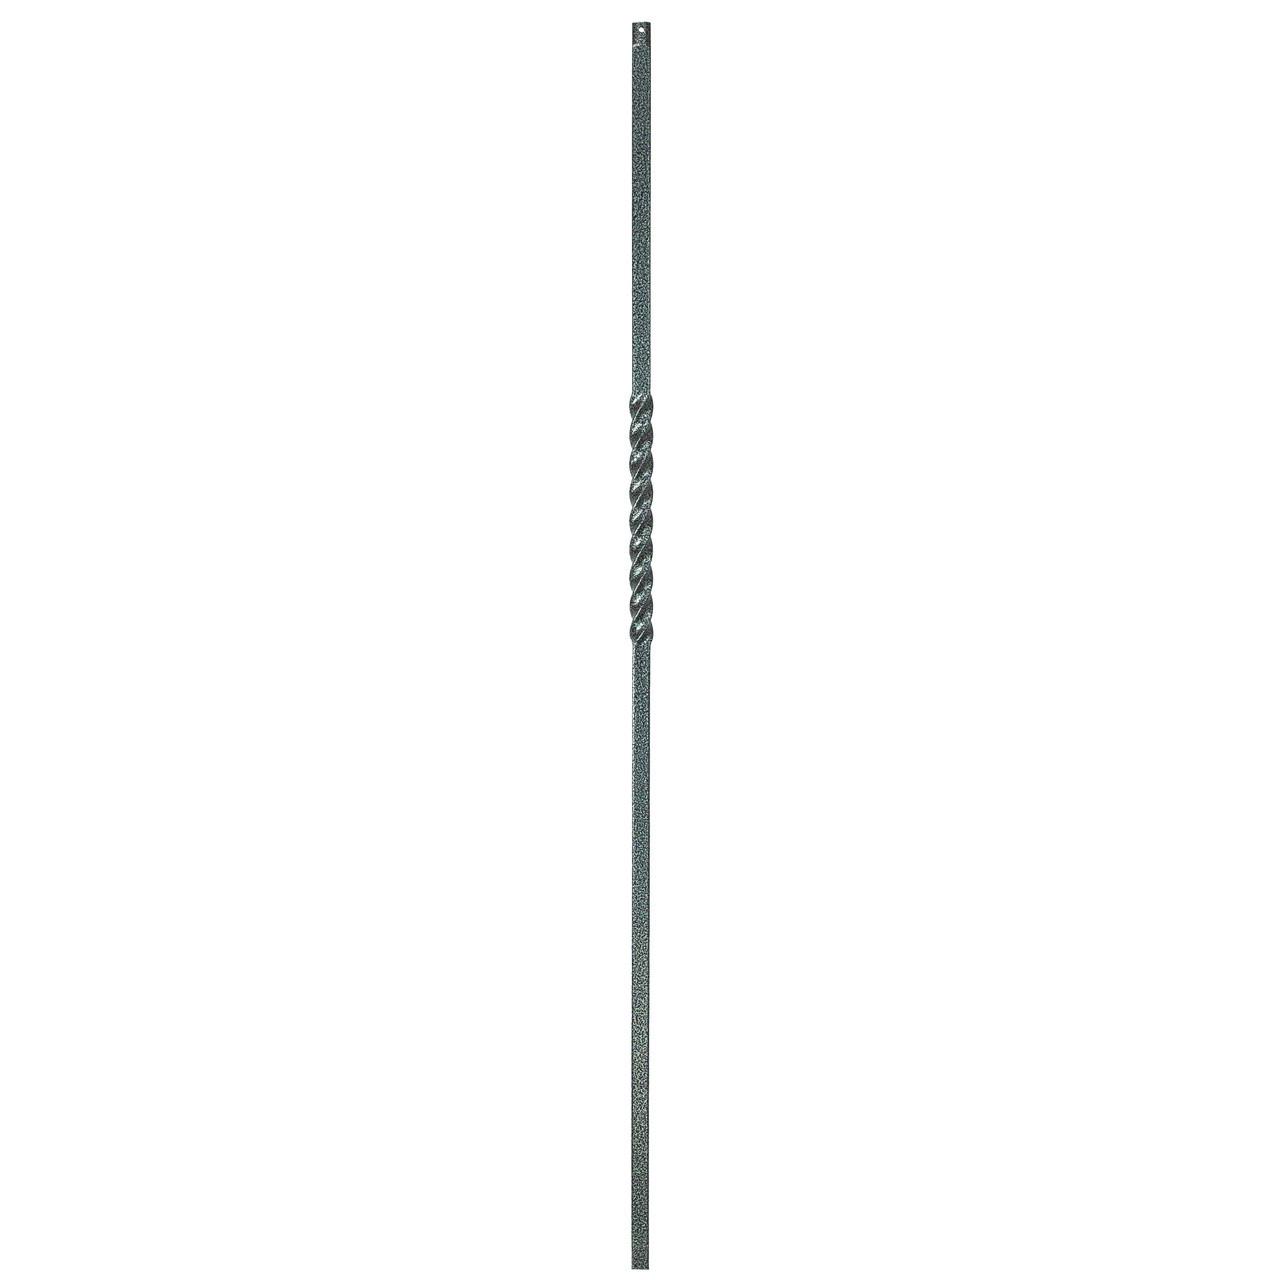 2G02 16mm Single Twist, Tubular Steel Shown in Silver Vein